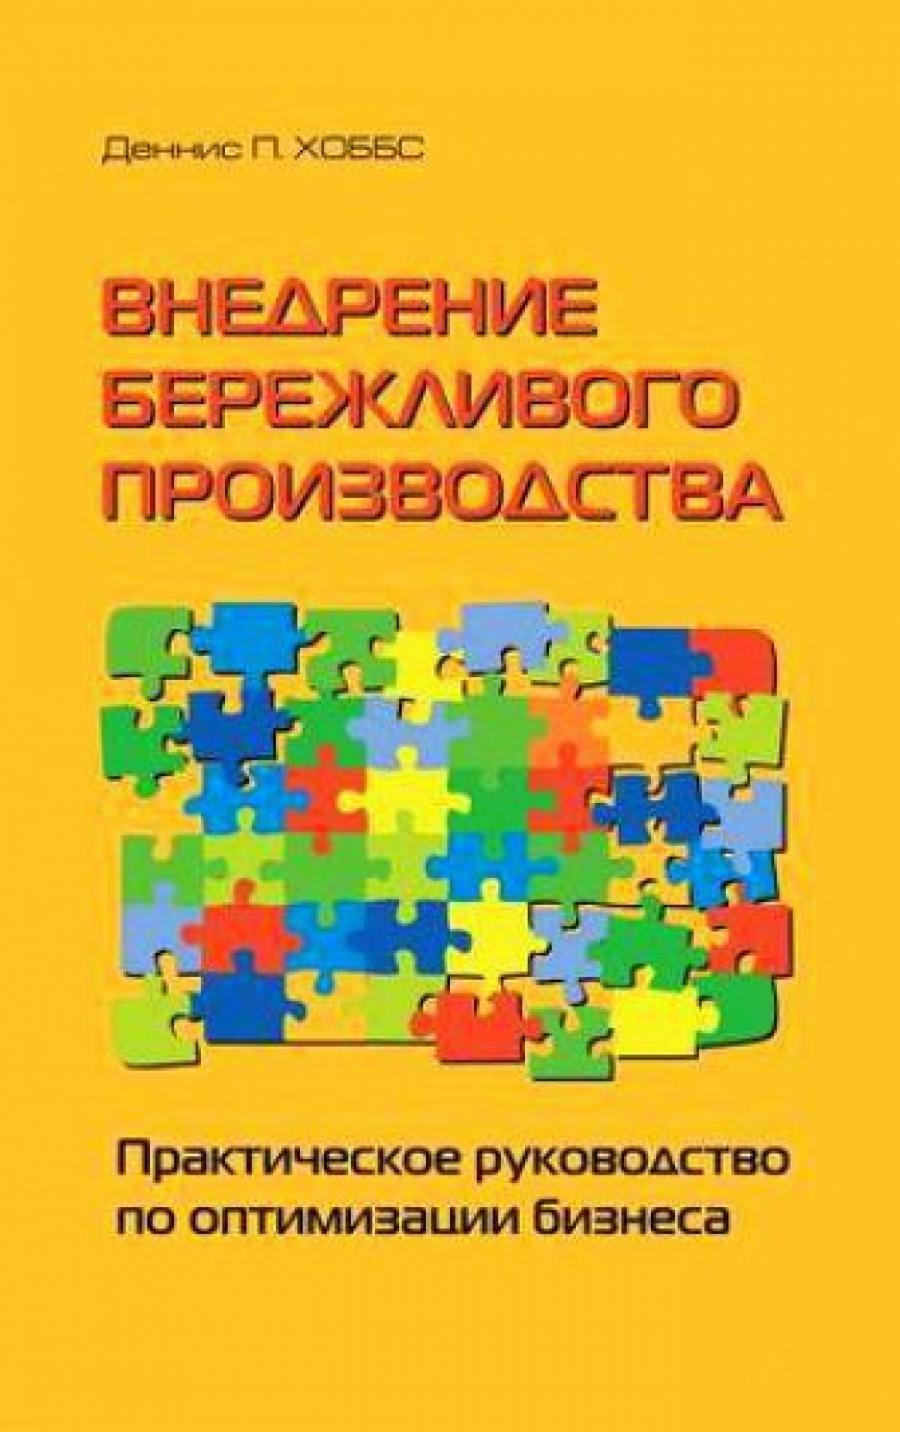 Обложка книги:  деннис п. хоббс - внедрение бережливого пр-ва. практ. руководство